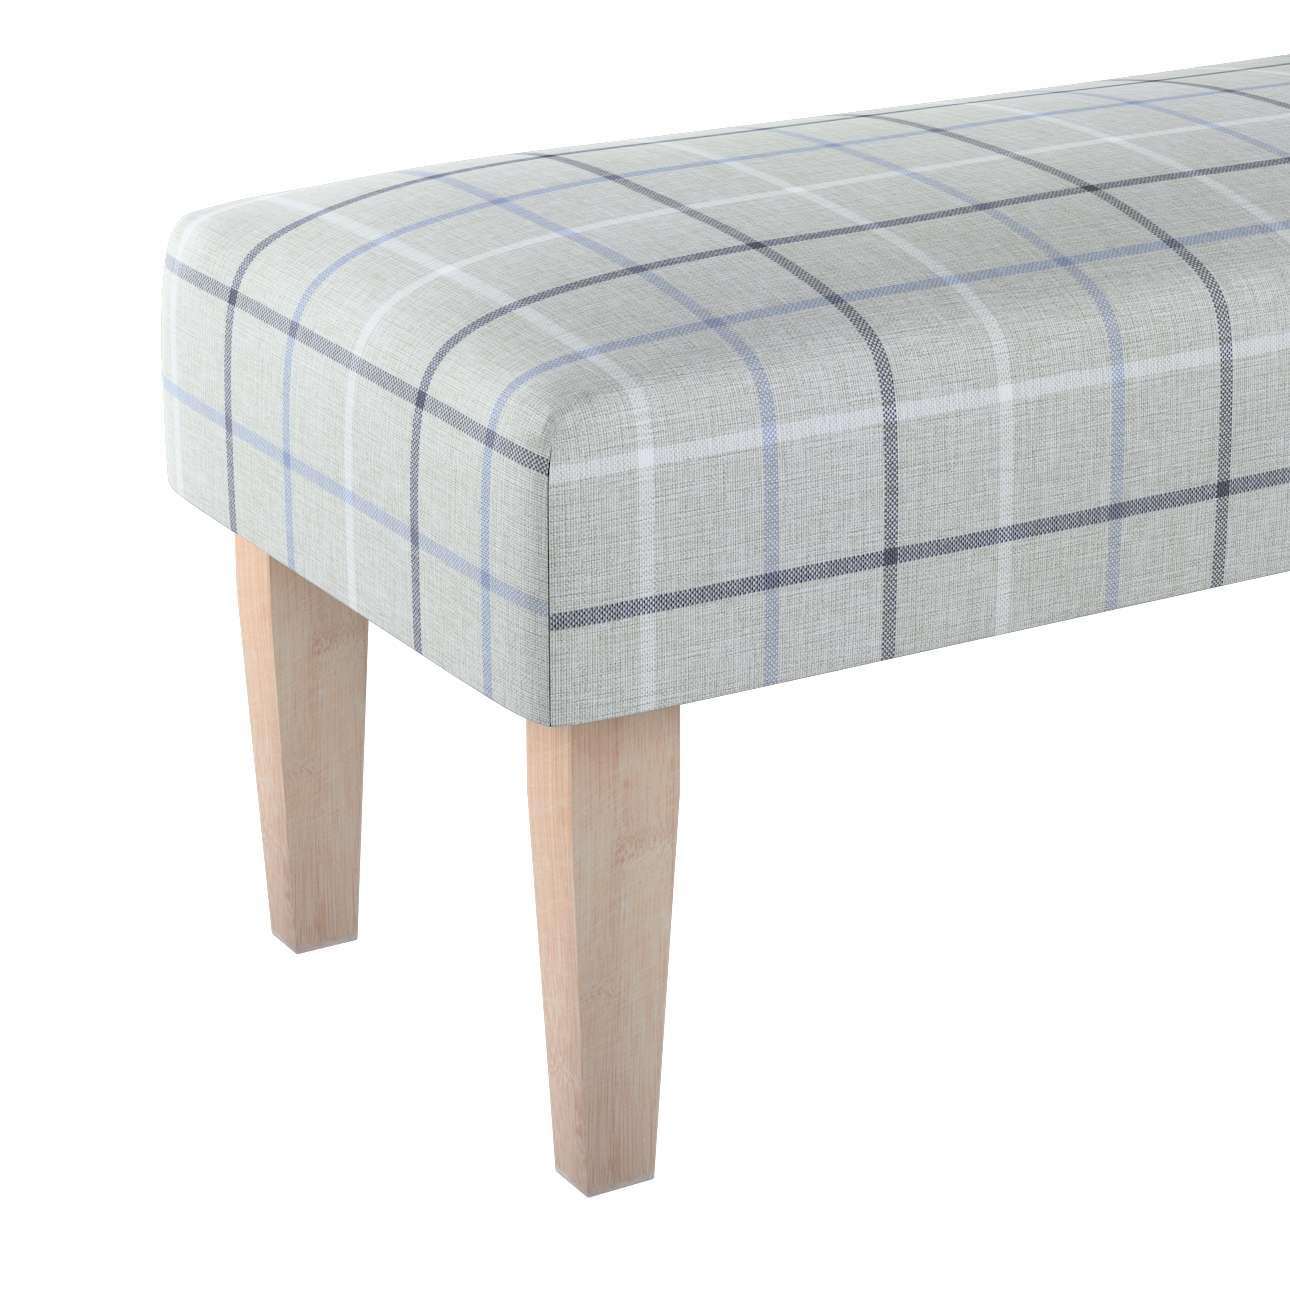 Sitzbank 100cm von der Kollektion Edinburgh, Stoff: 703-18